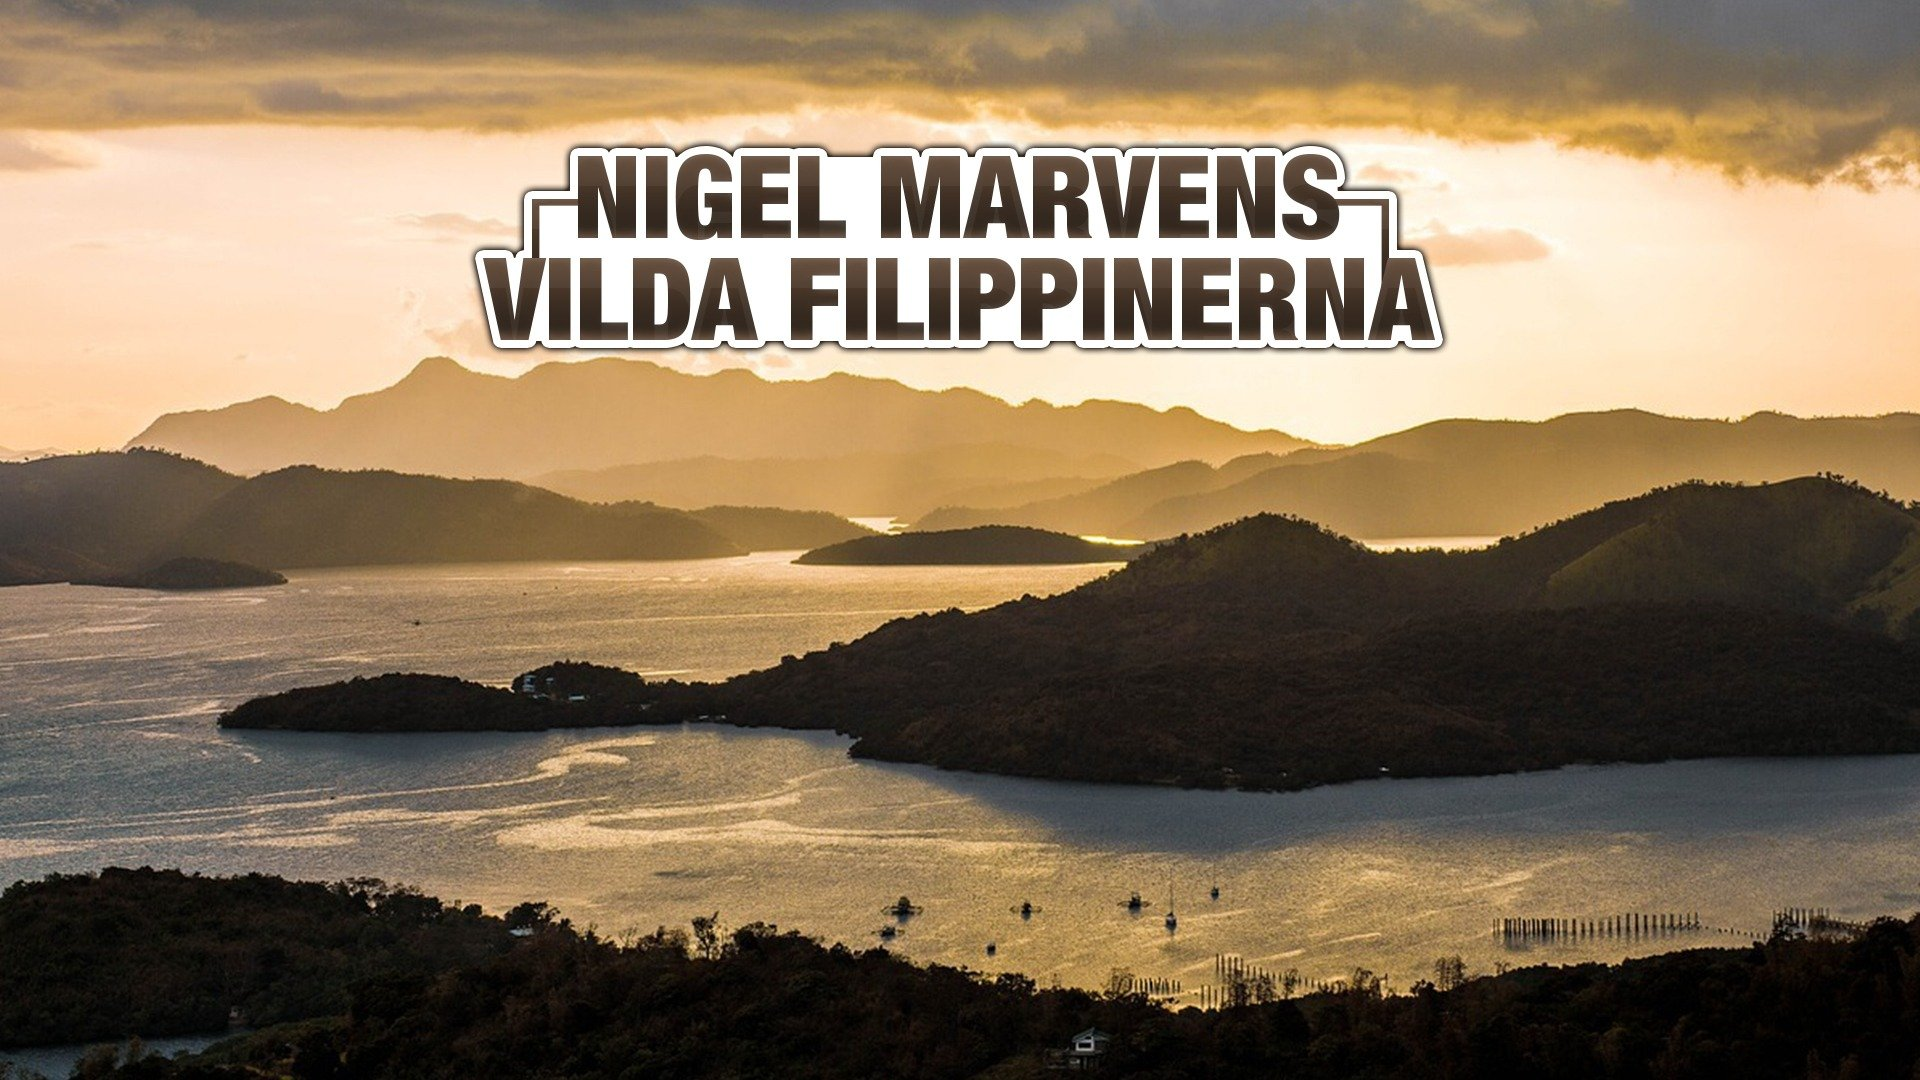 Nigel Marvens vilda Filippinerna